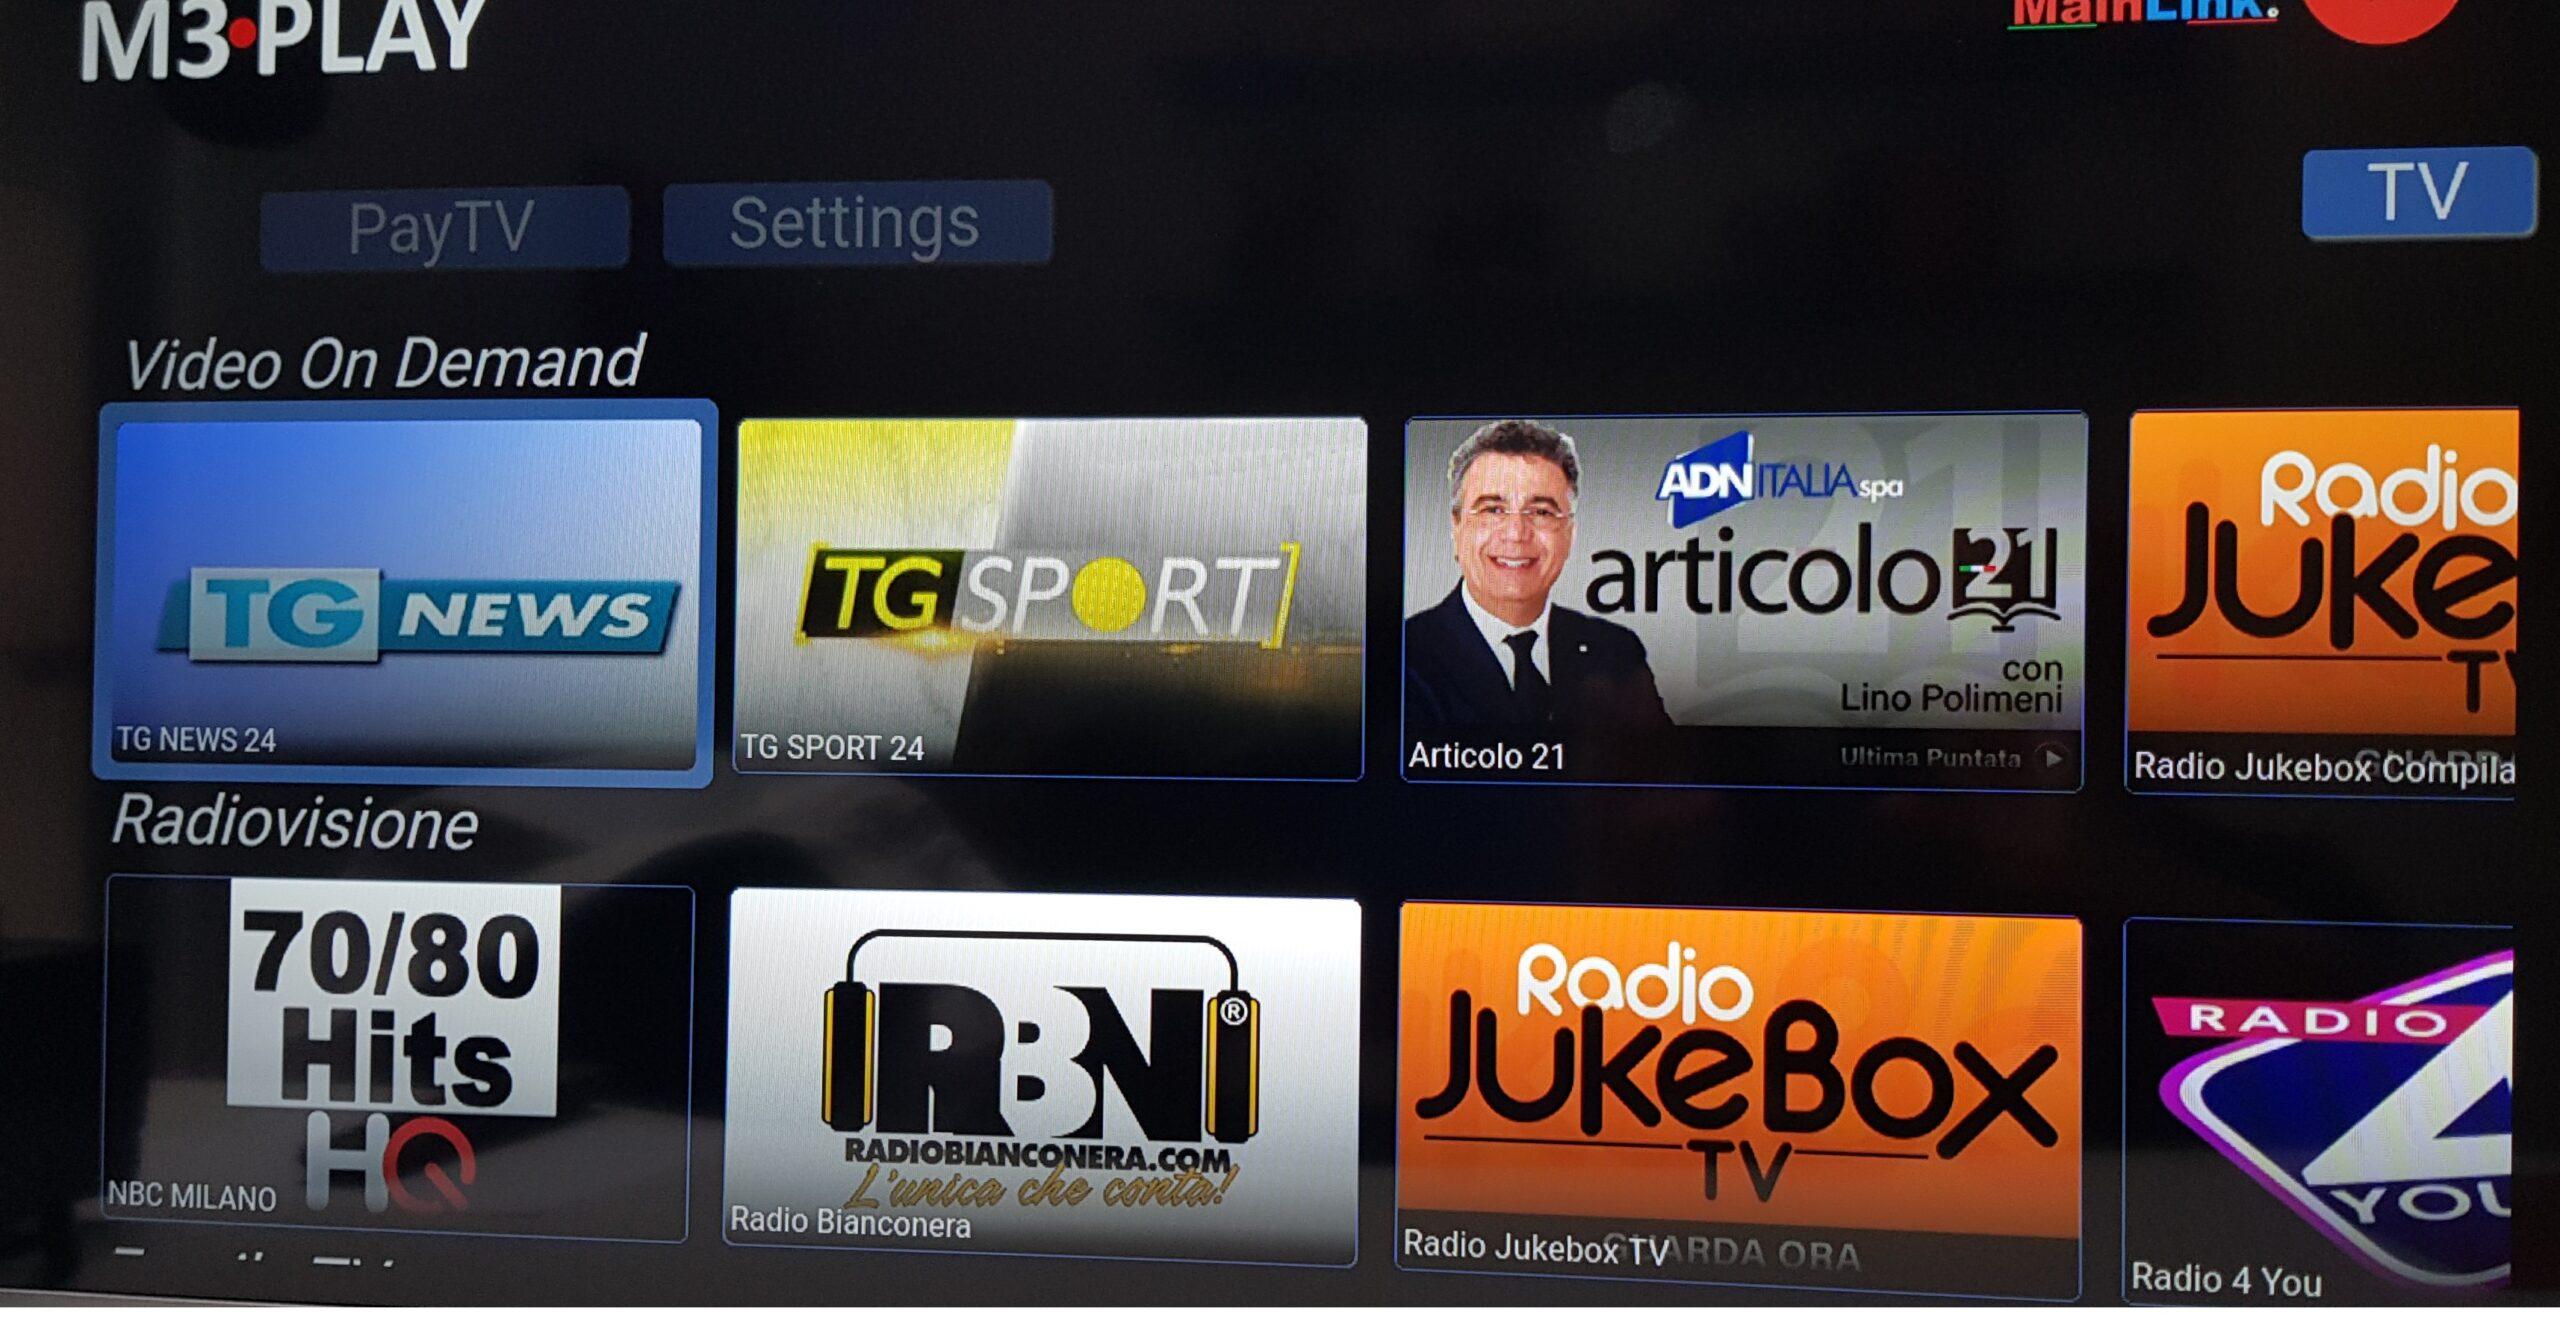 HBBTV 2 scaled - DTT. Il Ministero dello Sviluppo Economico scommette su sostituzione estiva del parco tv e snocciola dati. Ma appare guerra contro il tempo